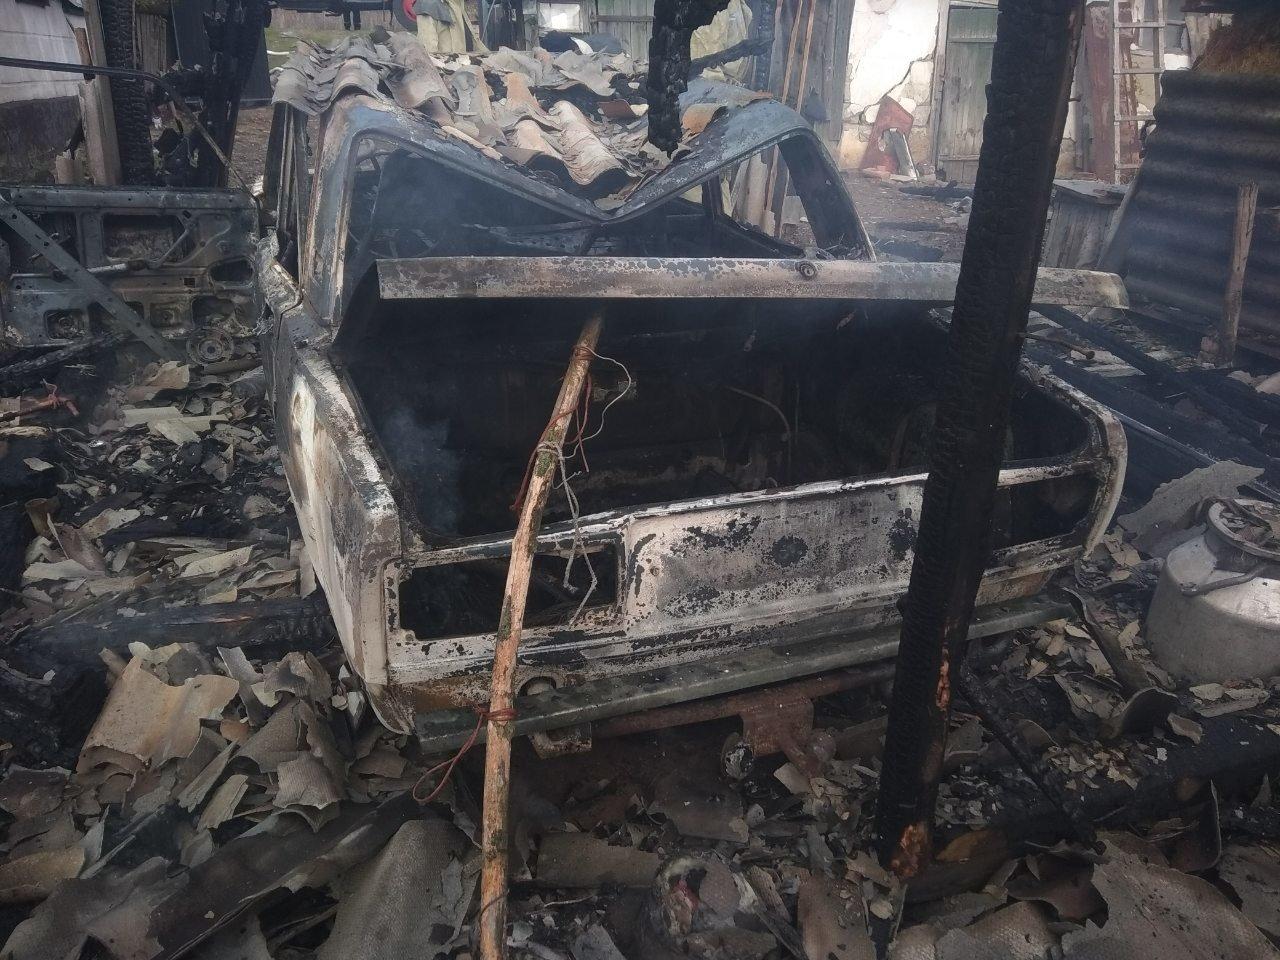 На Харьковщине из-за короткого замыкания полностью сгорел гараж вместе с автомобилем, - ФОТО, фото-3